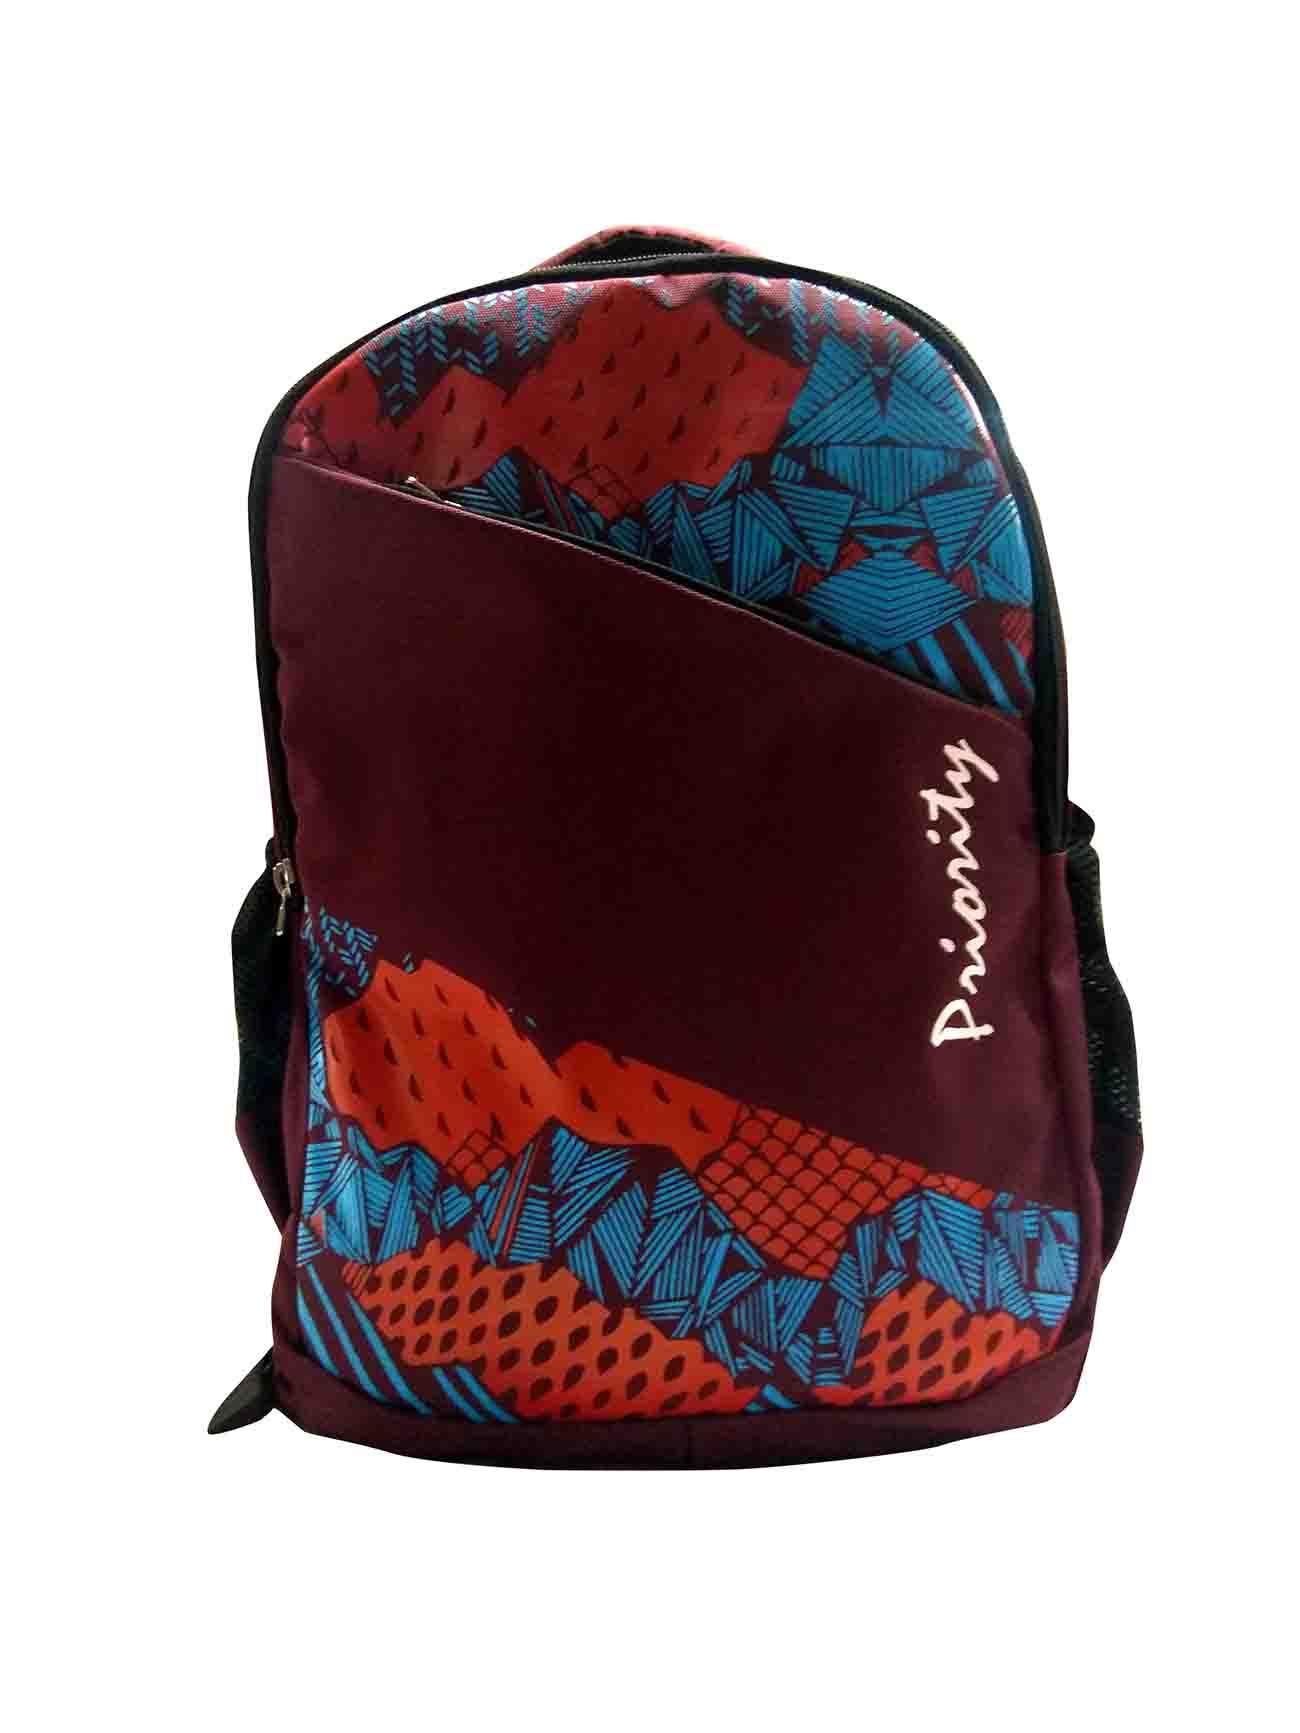 HS HIPPIE 01 -MAROON/BLUE Backpack Bag